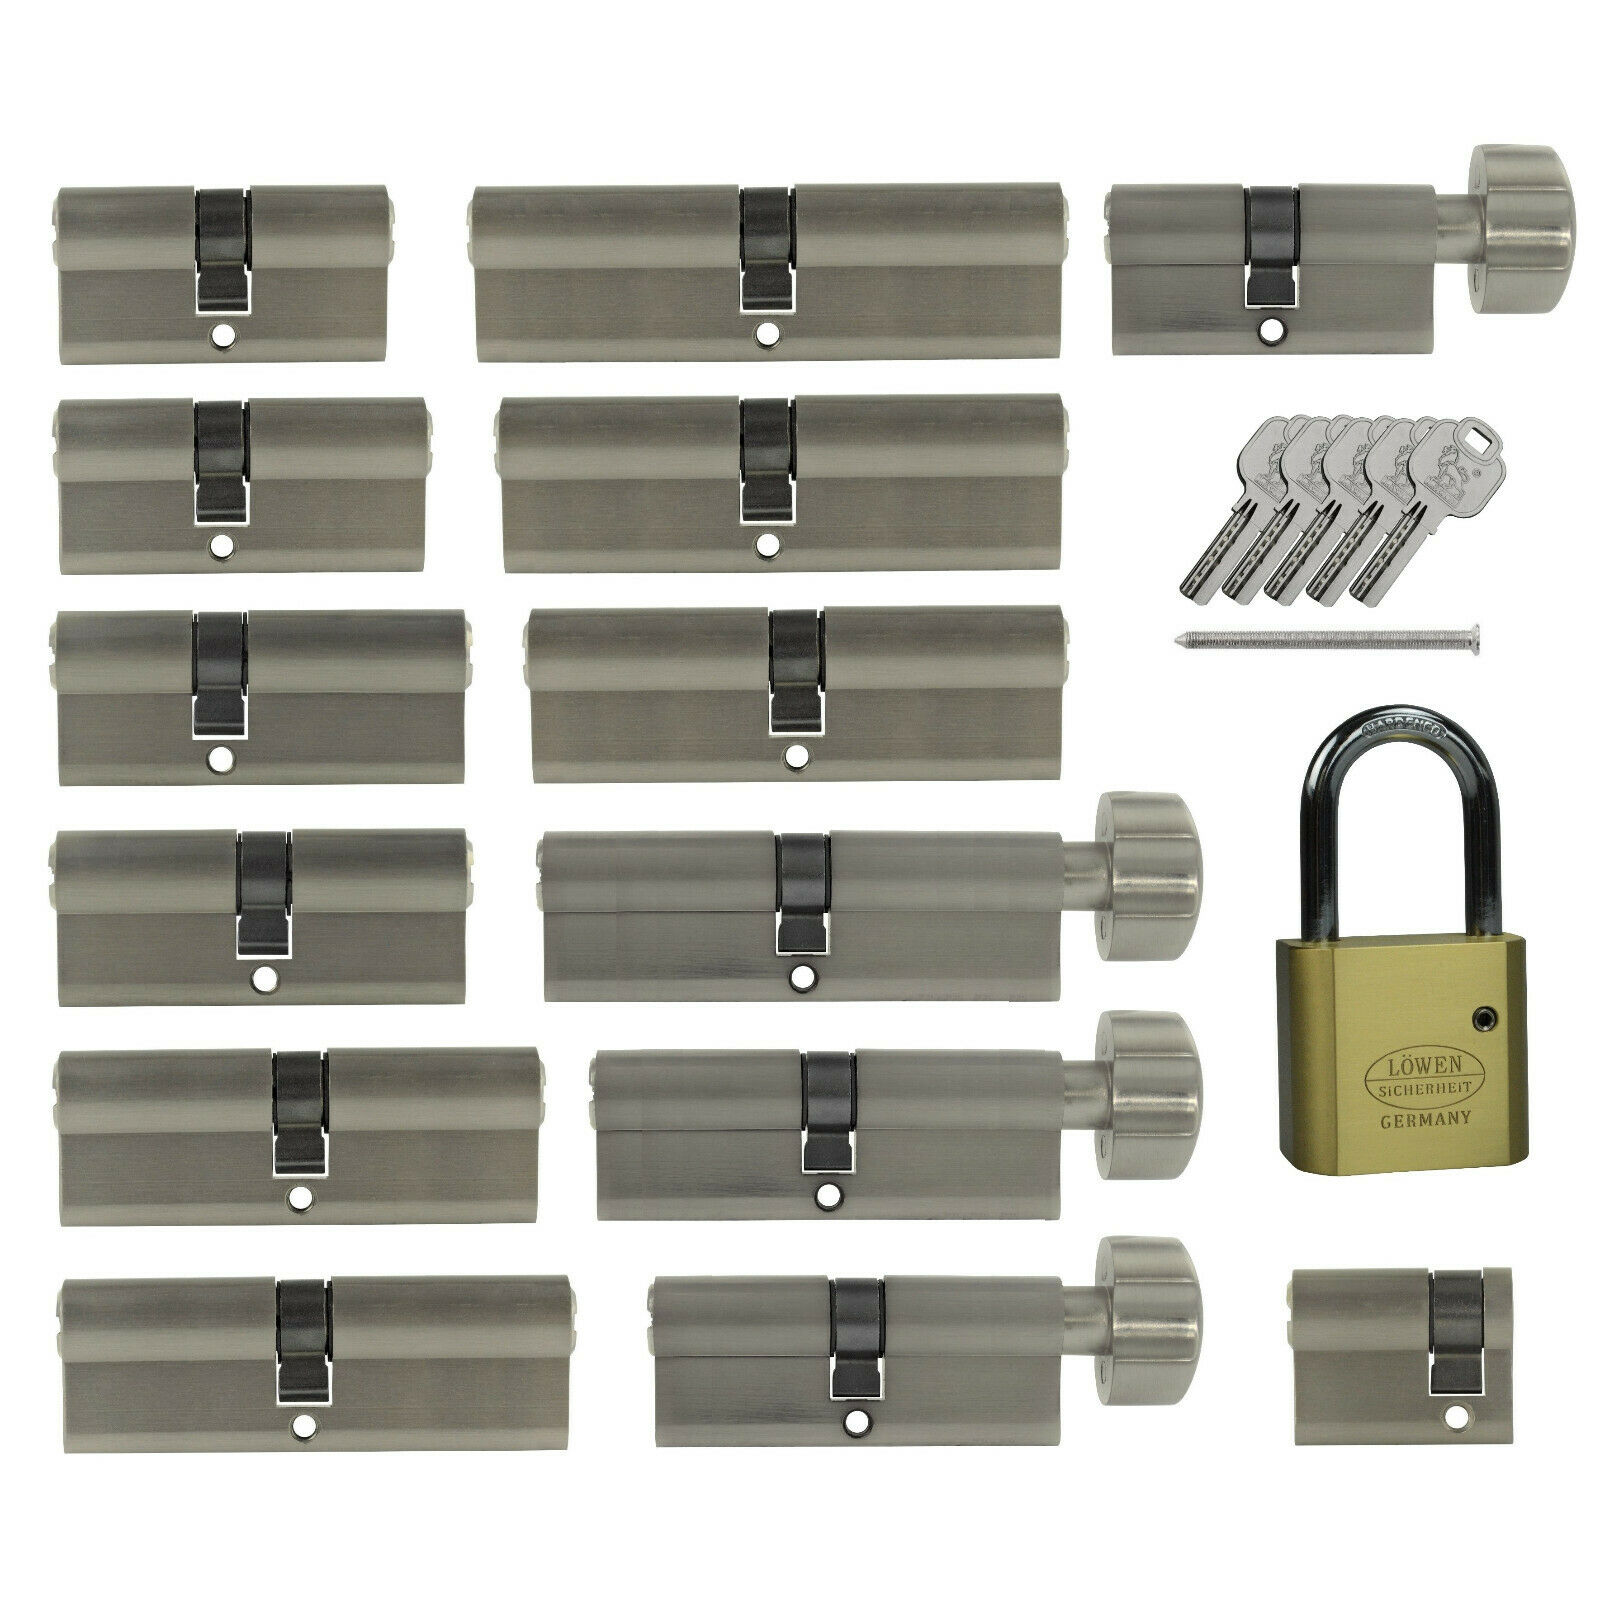 Tür Profil und Knauf Zylinder kombinieren Not+Gefahrenfunktion gleichschliessend